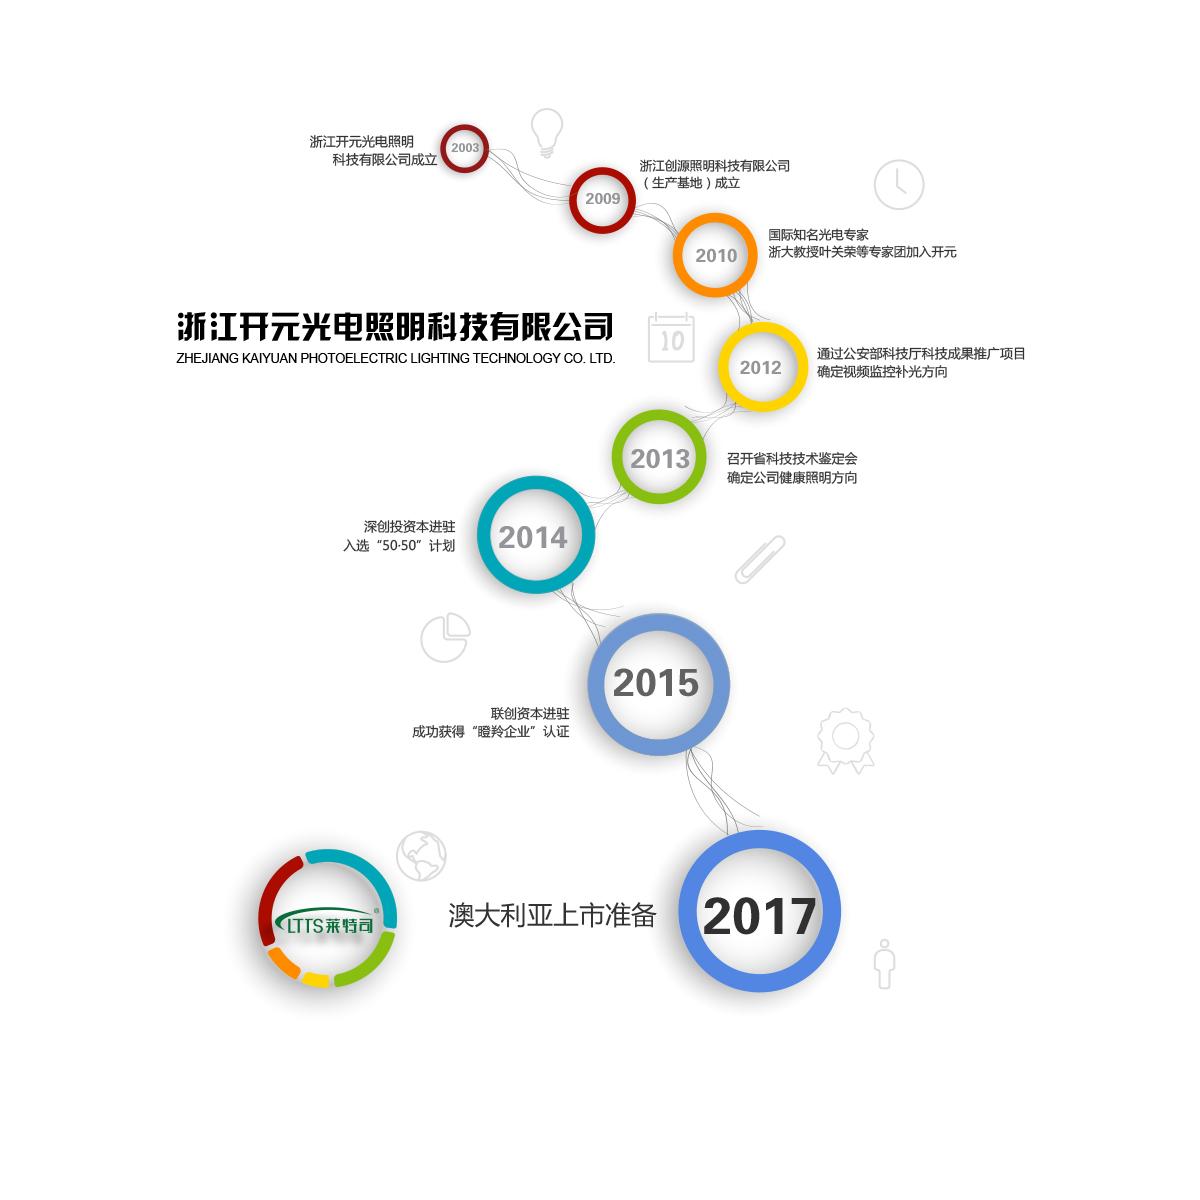 万博足彩app历史